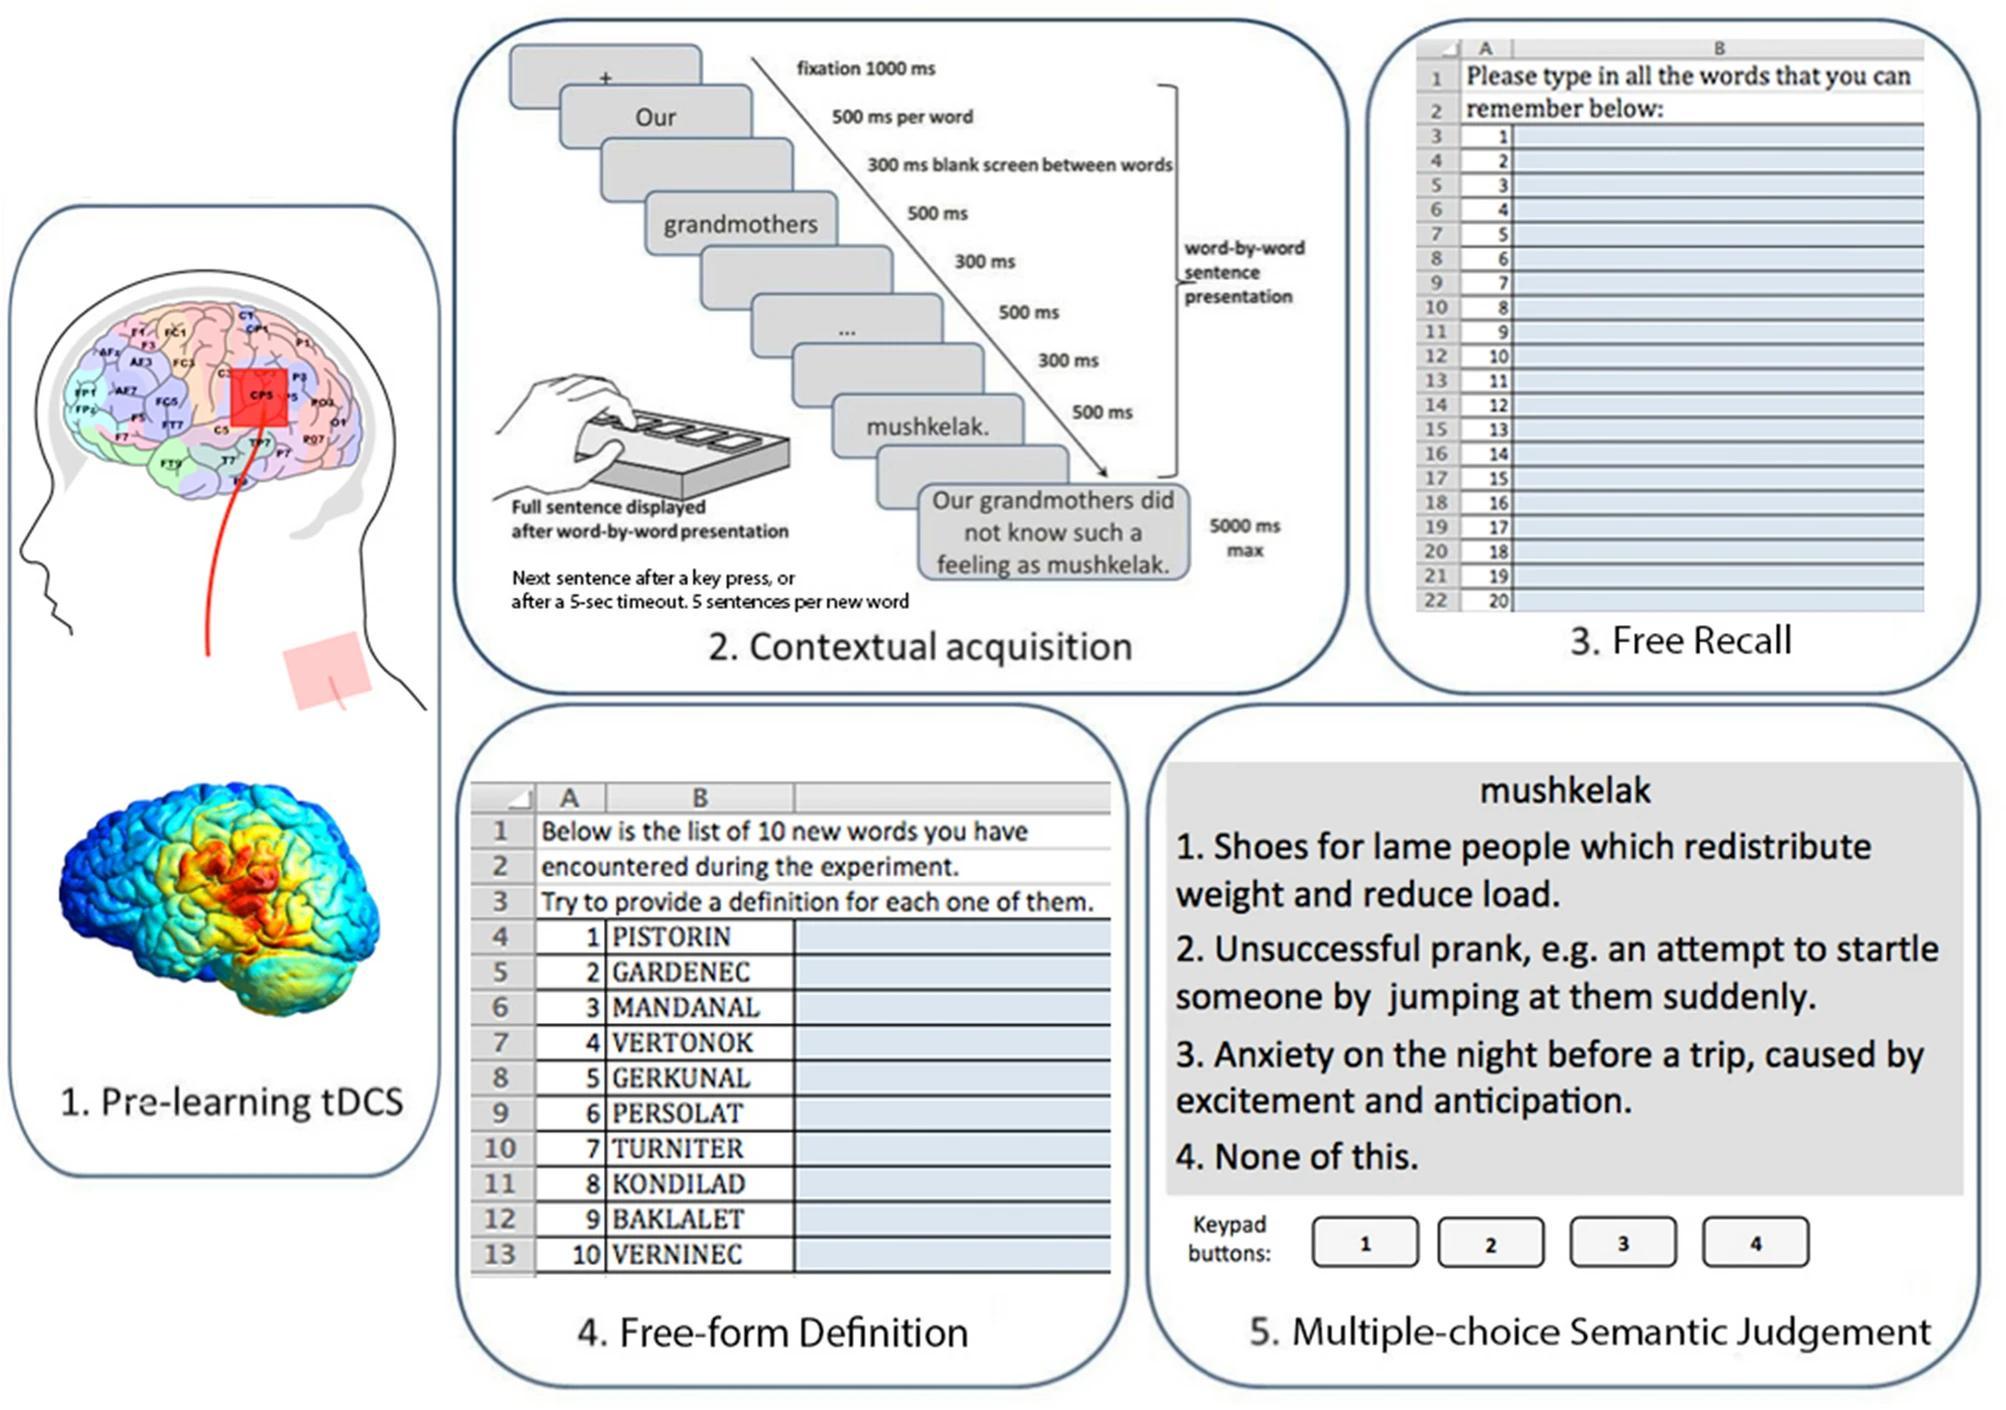 Катодная электростимуляция мозга в области зоны Вернике может помочь лучше запоминать абстрактные слова